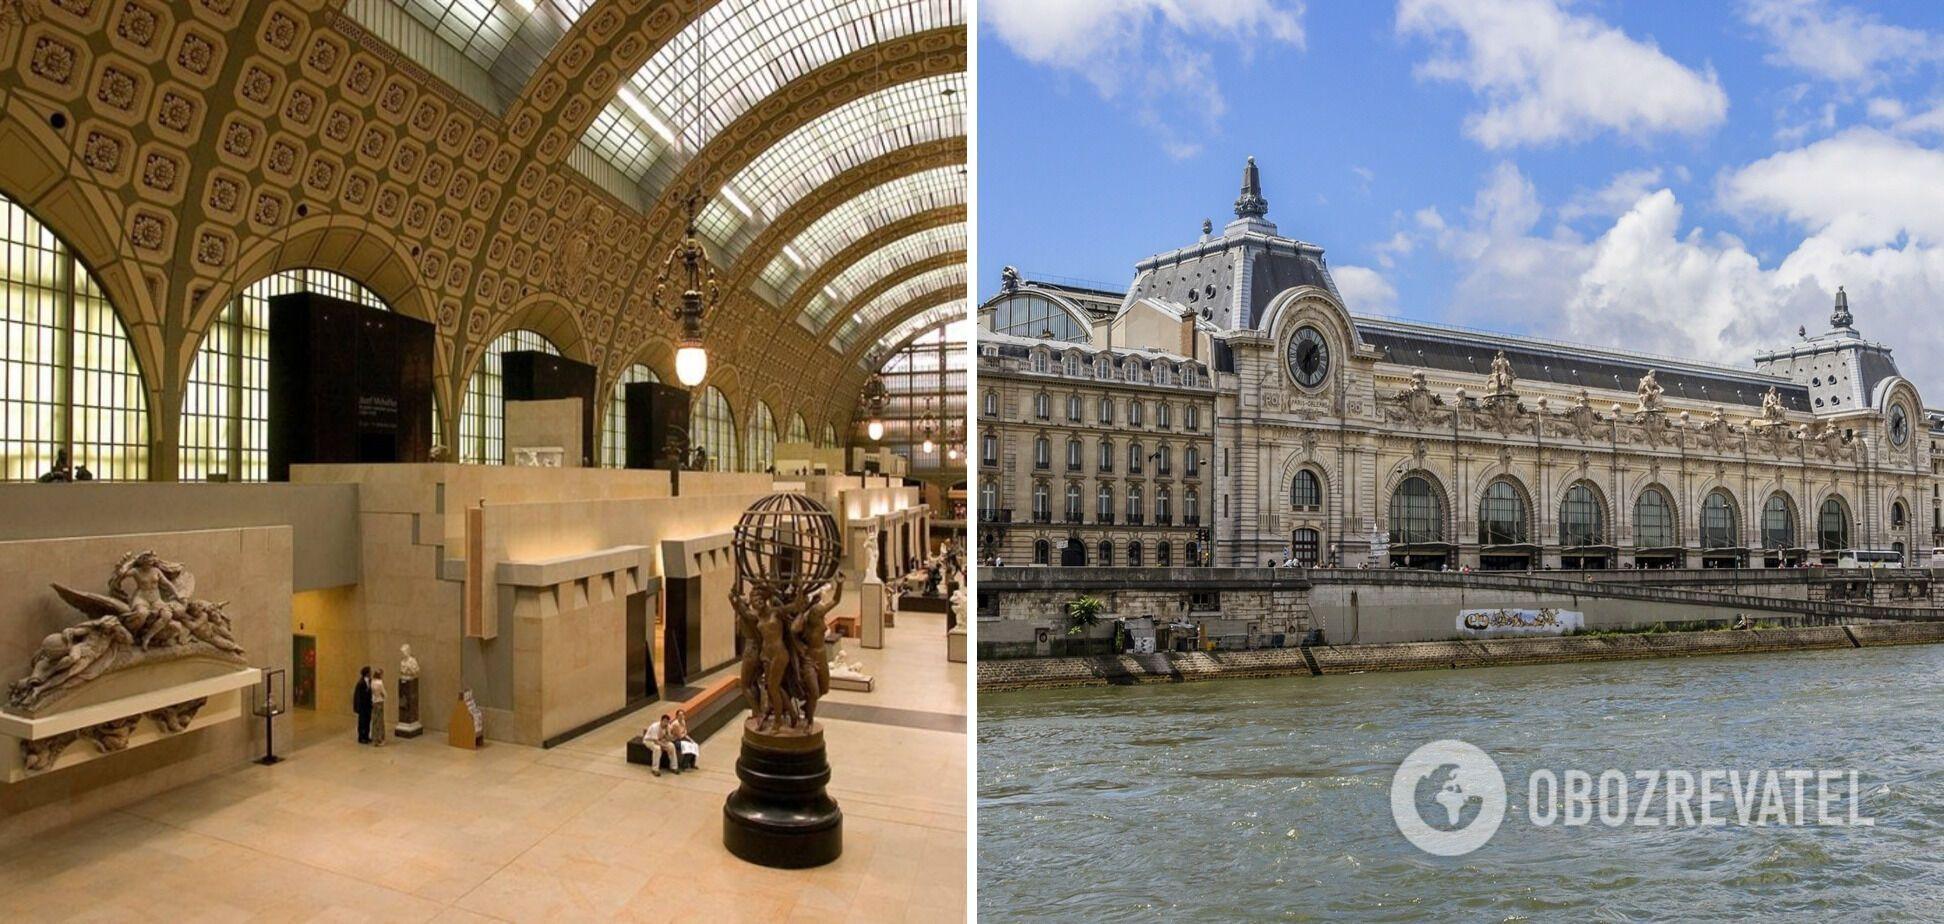 В музее хранится самая большая коллекция импрессионистических картин в мире.